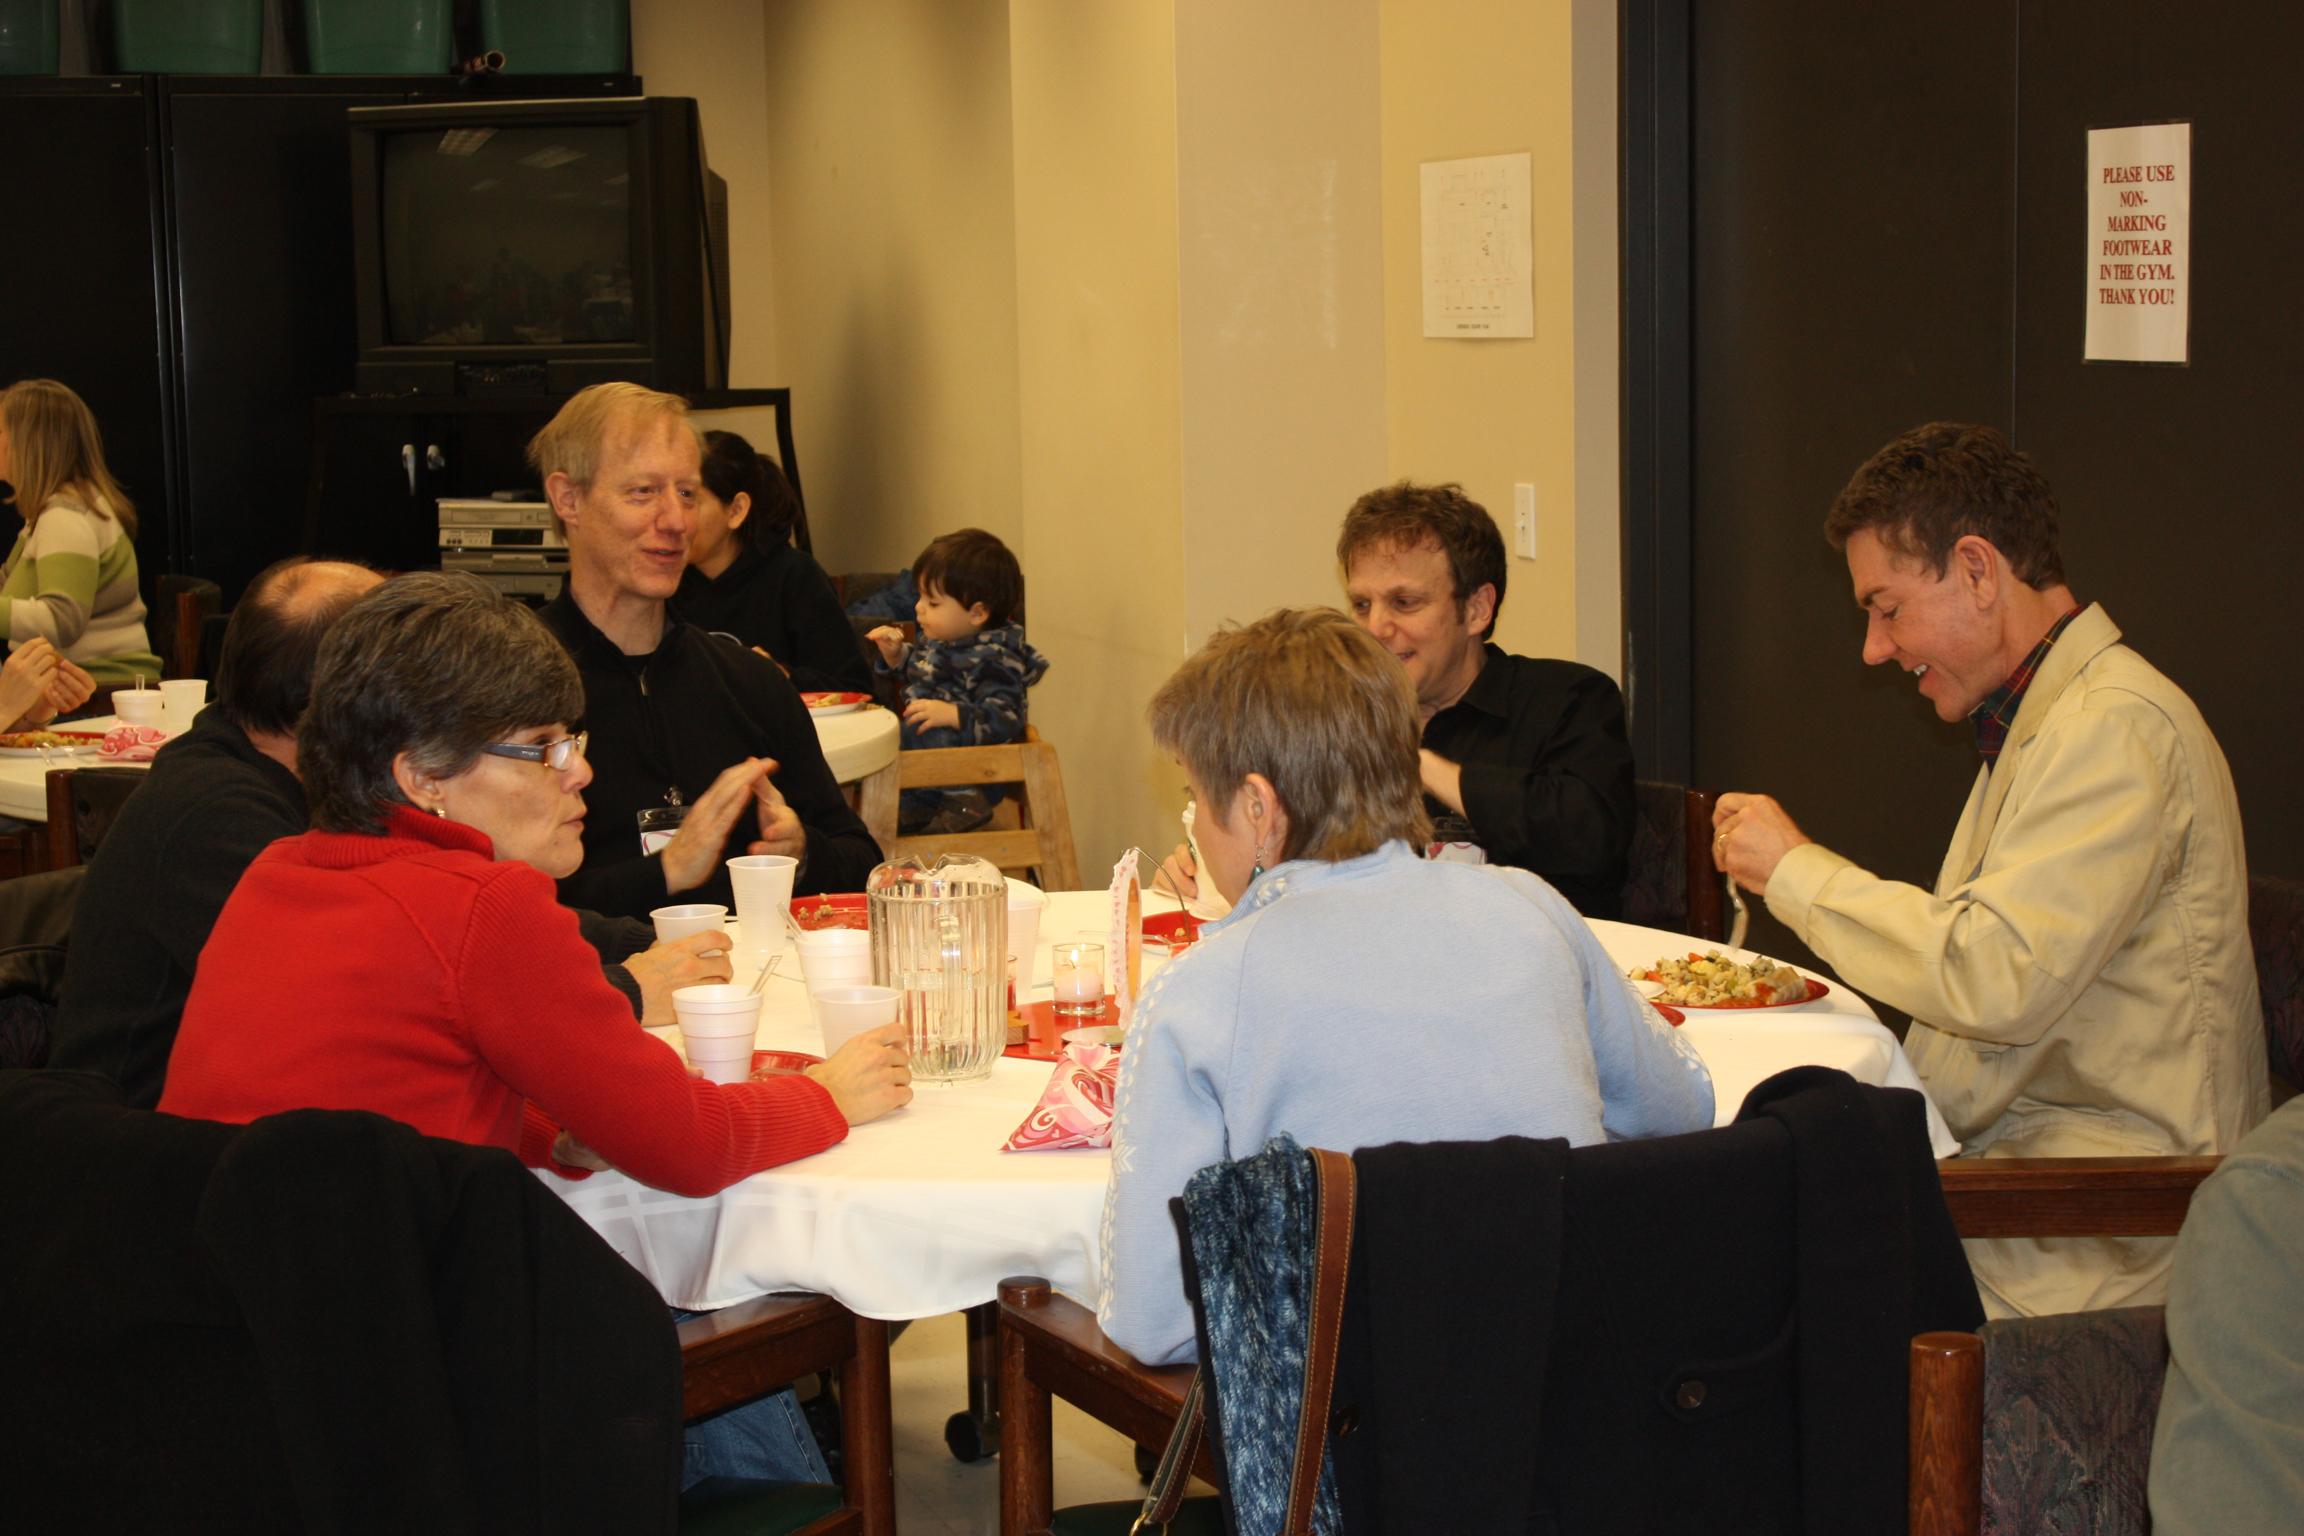 46. Dining 2.5.12 Feb VSC.jpg